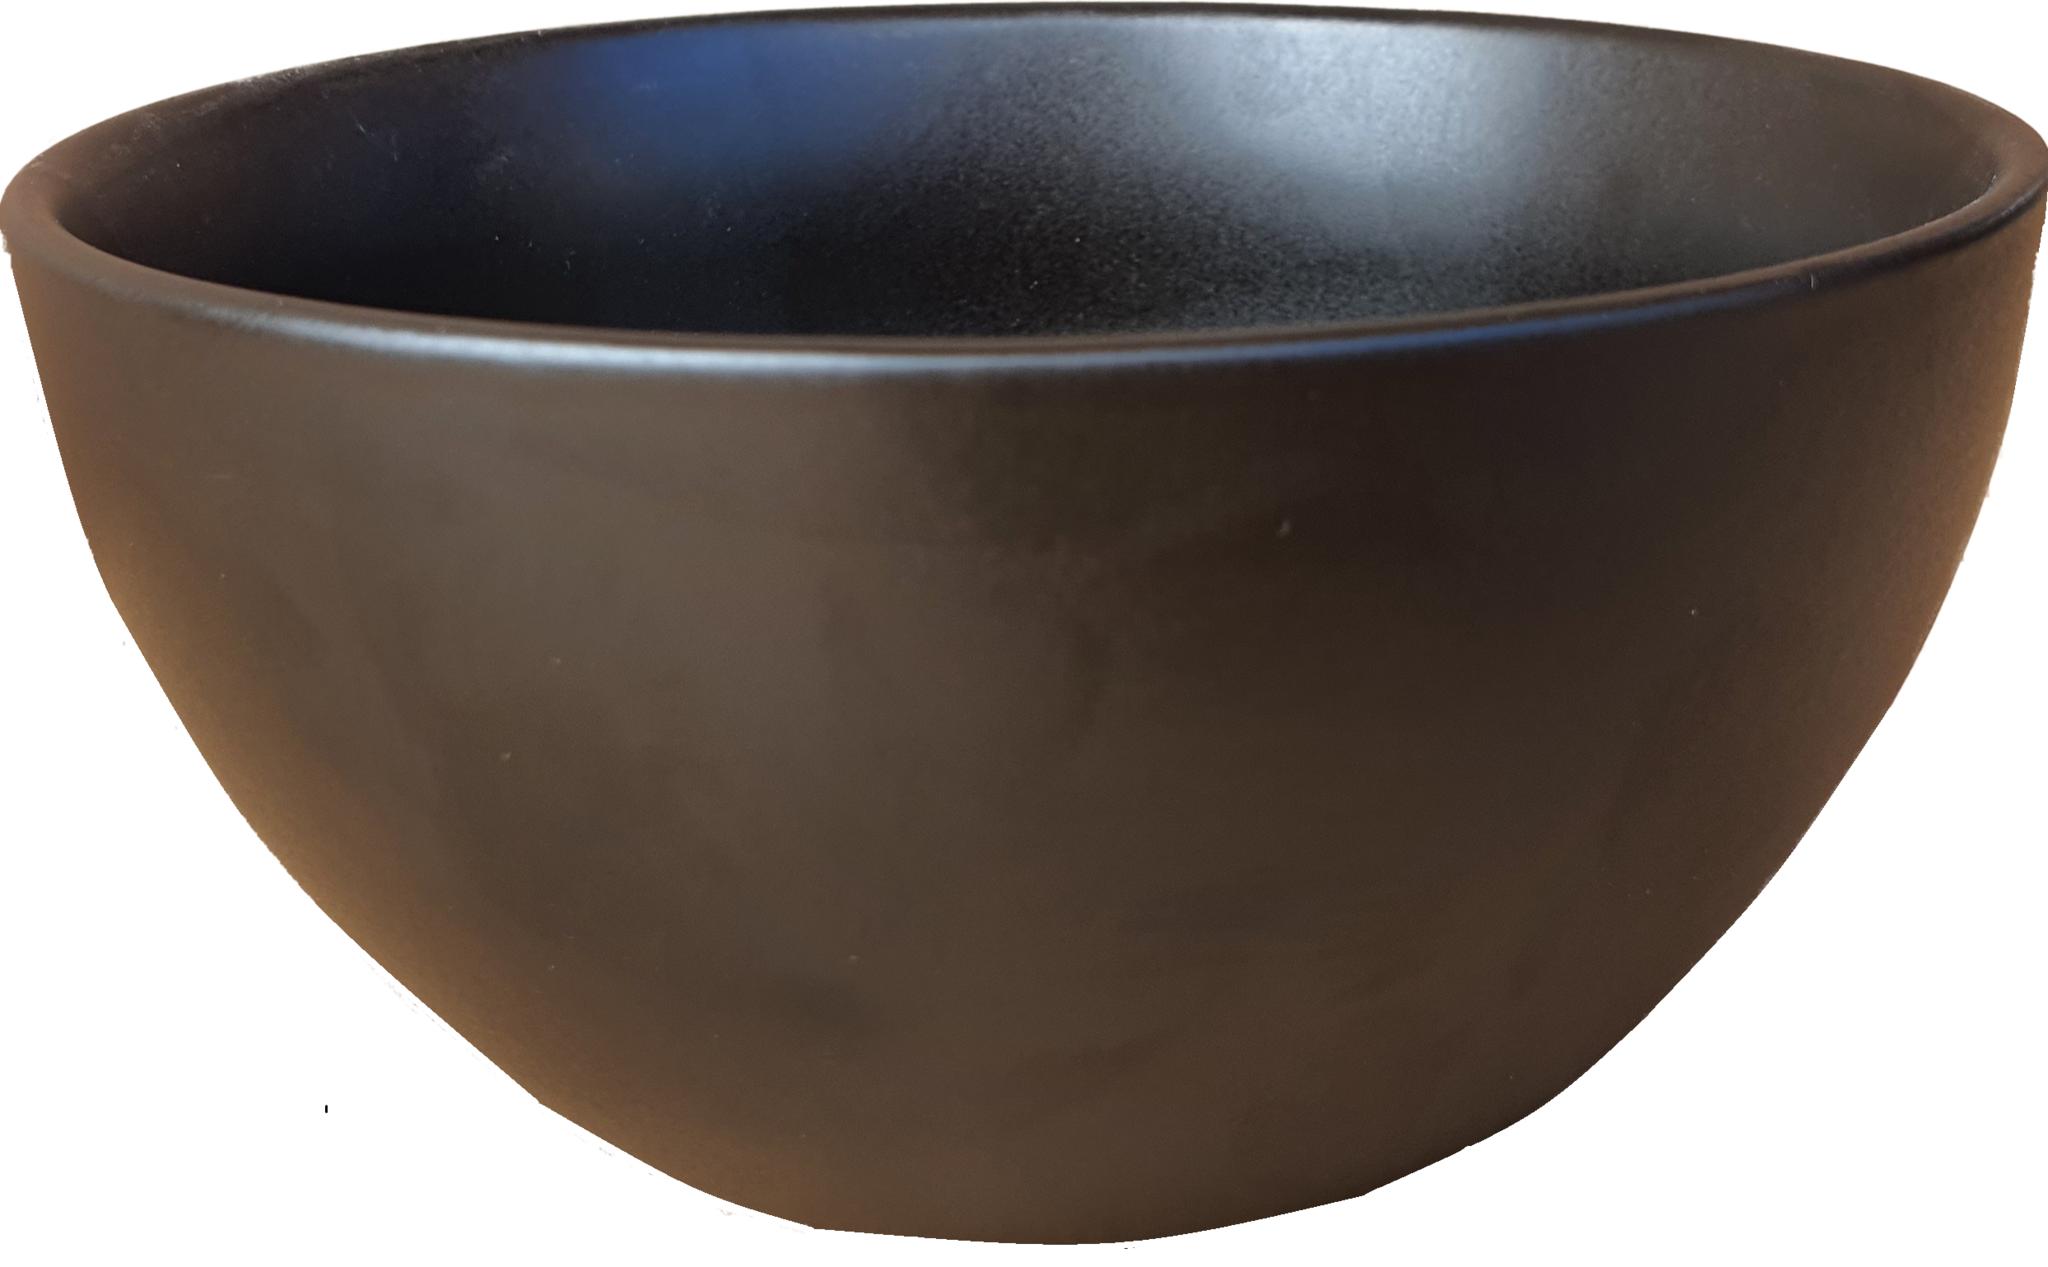 pot ceramic bowl black 14 cm-4